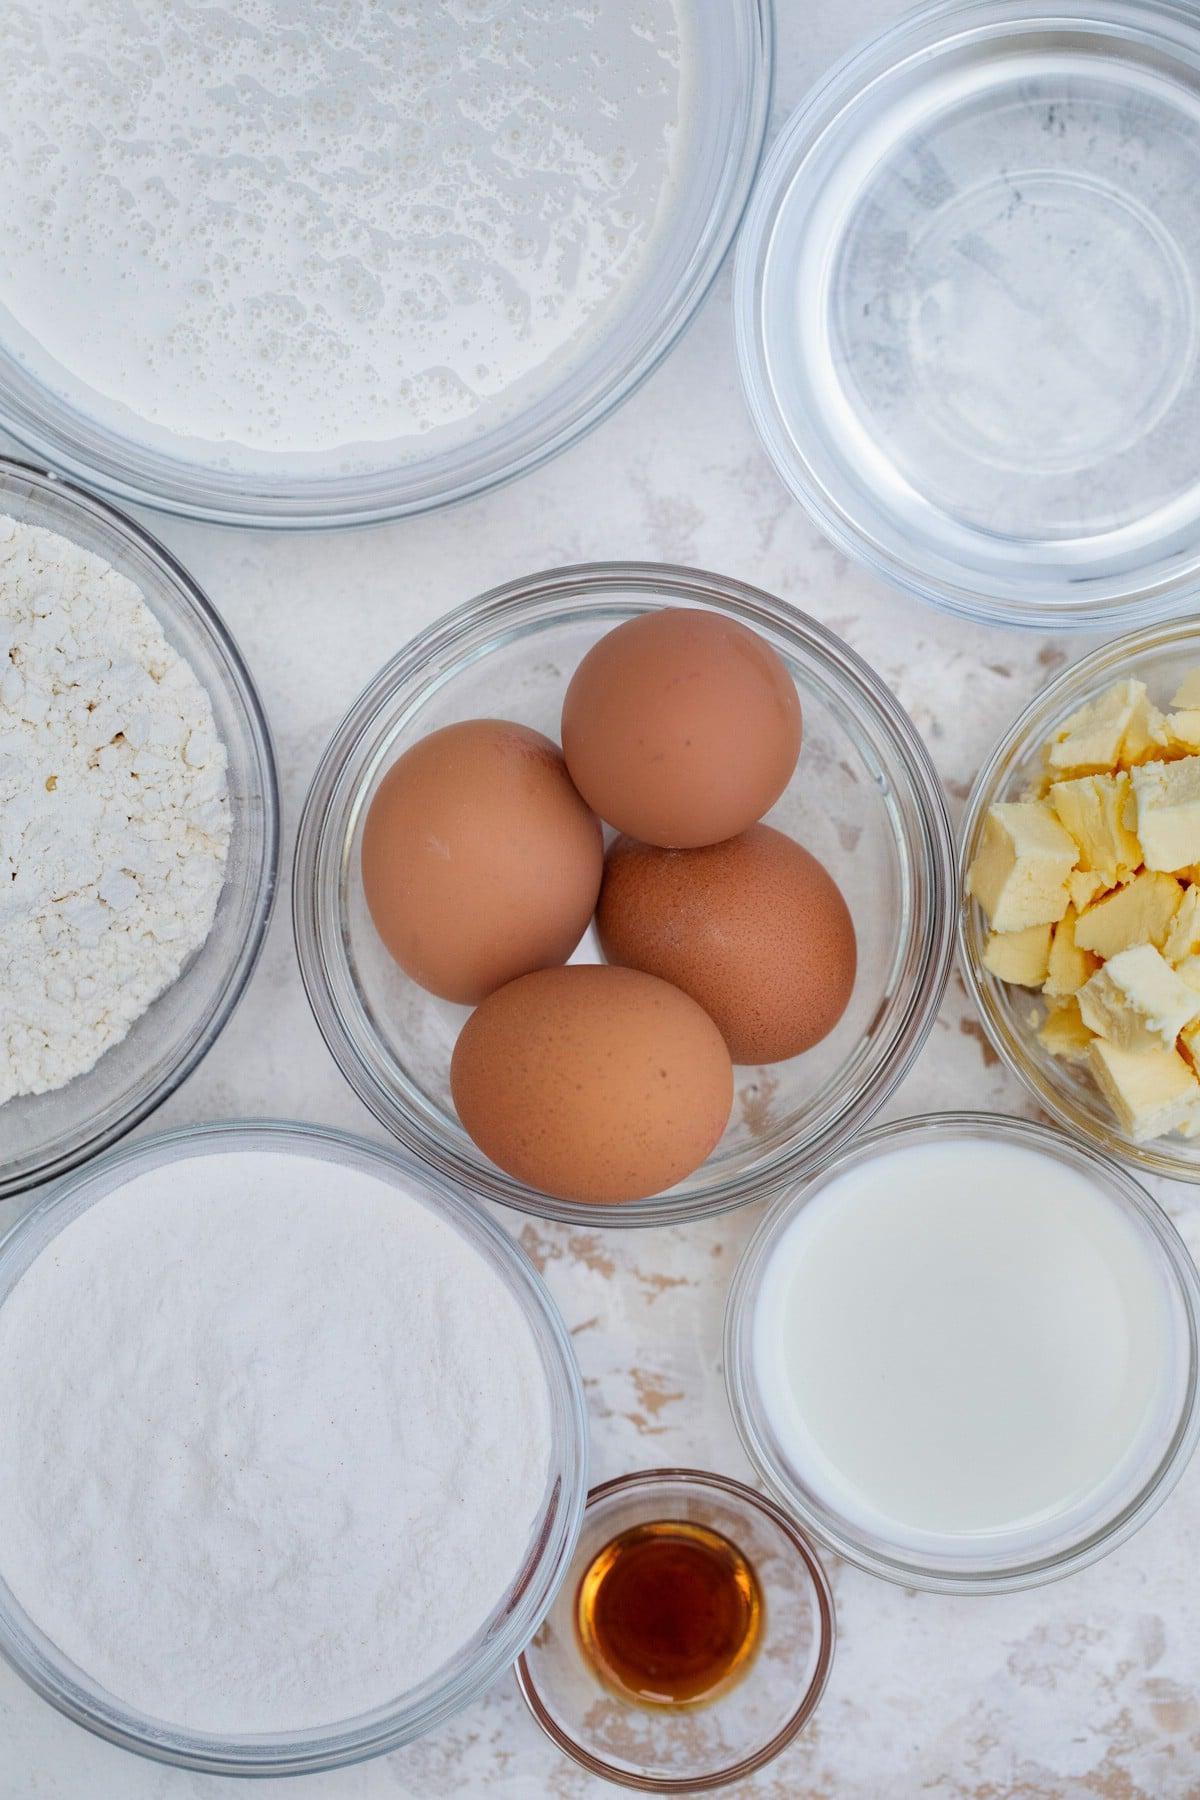 Cream puff ingredients